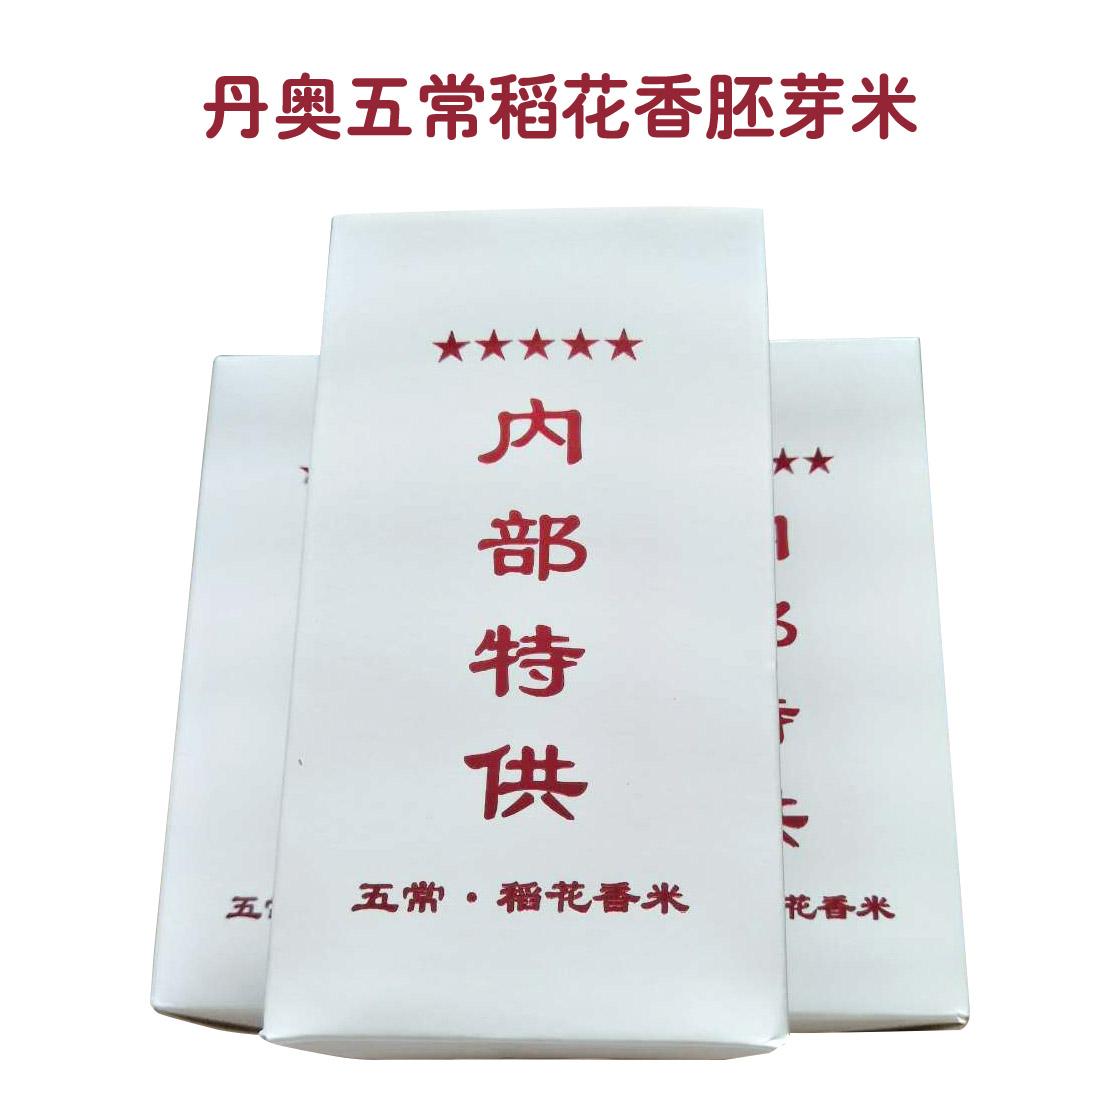 五常稻花香胚芽米 东北大米5kg包邮